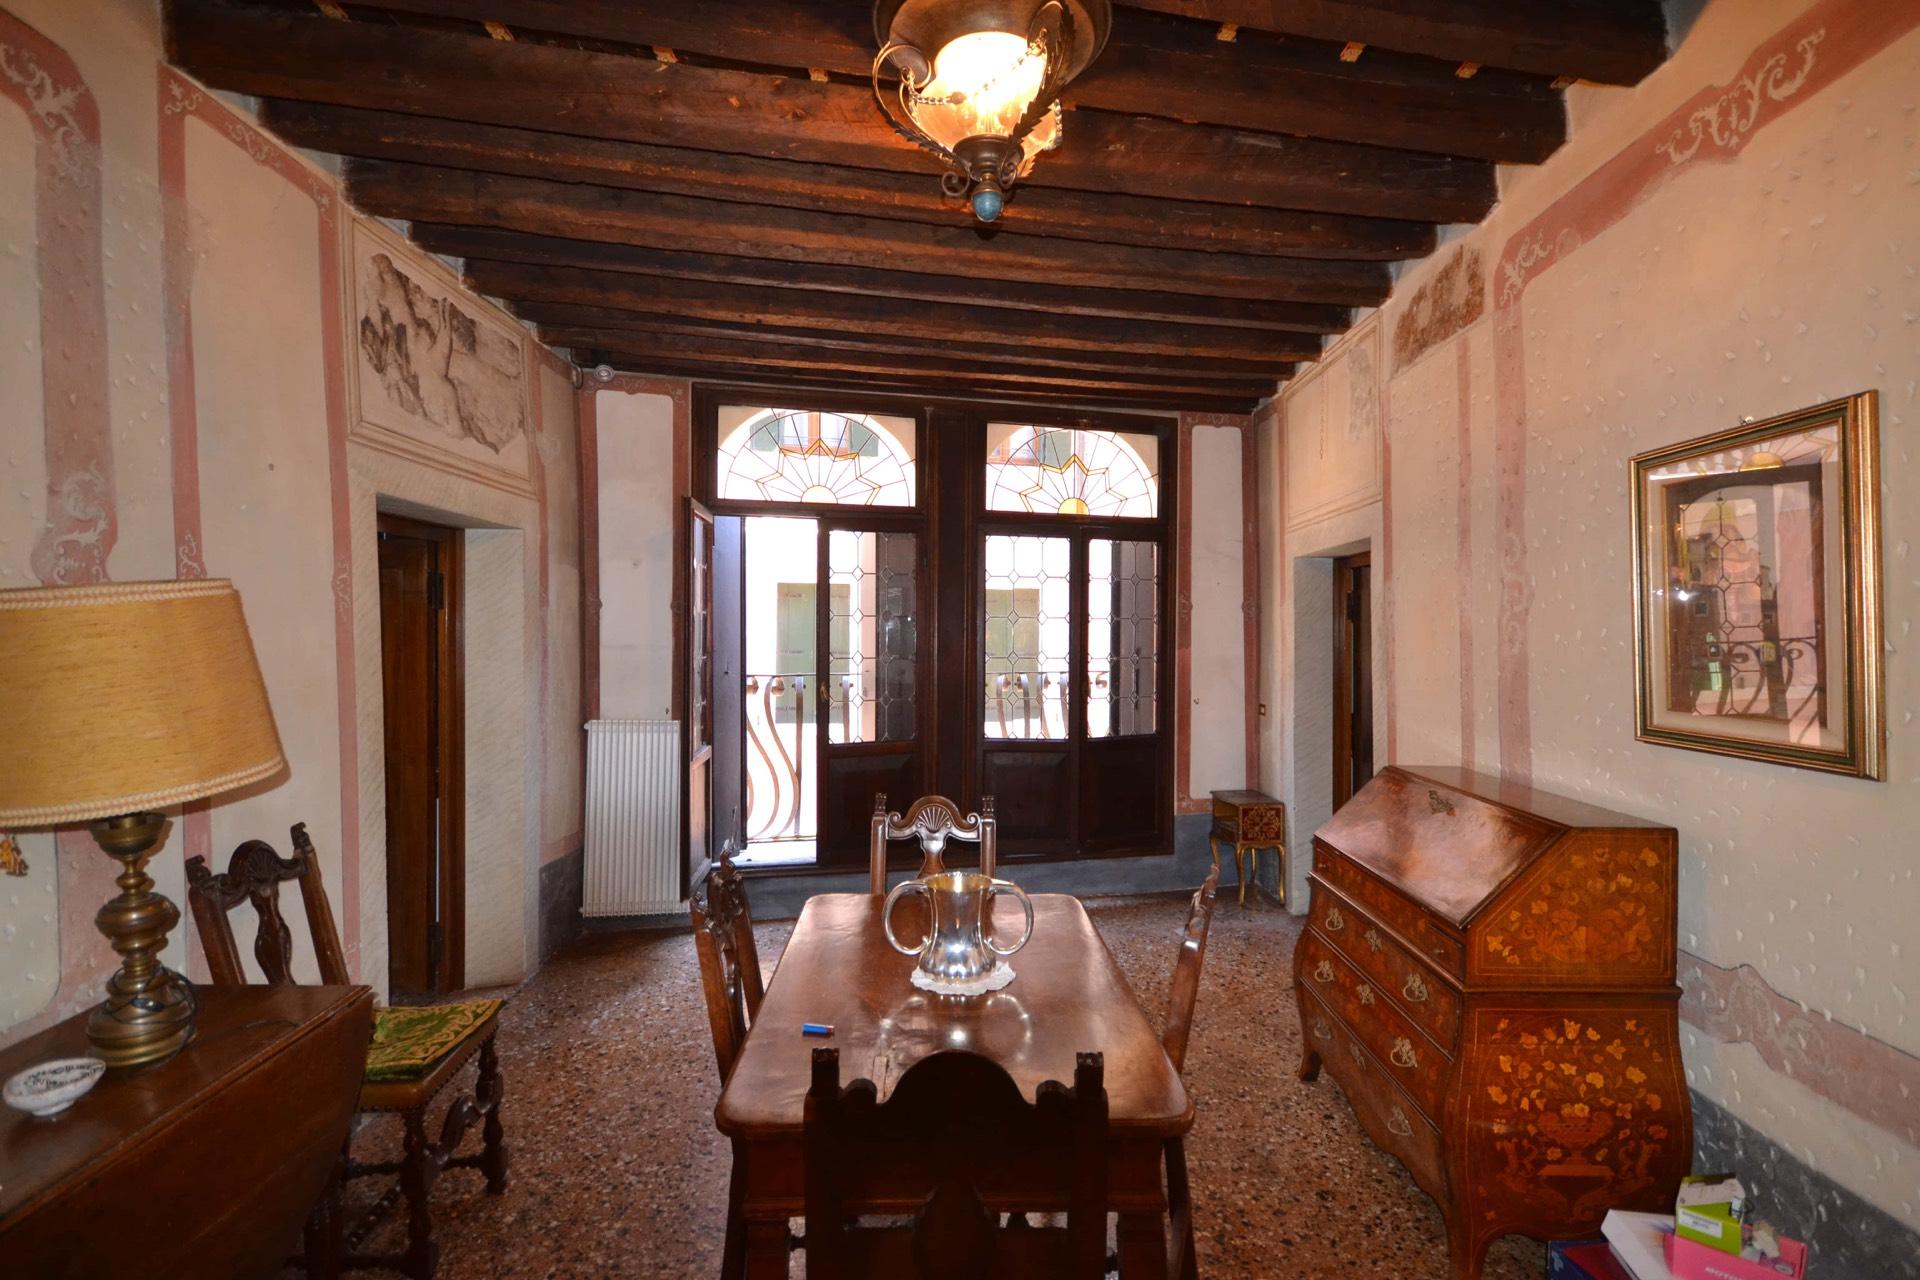 3 Camere in Vendita a Treviso - Cod. 3121